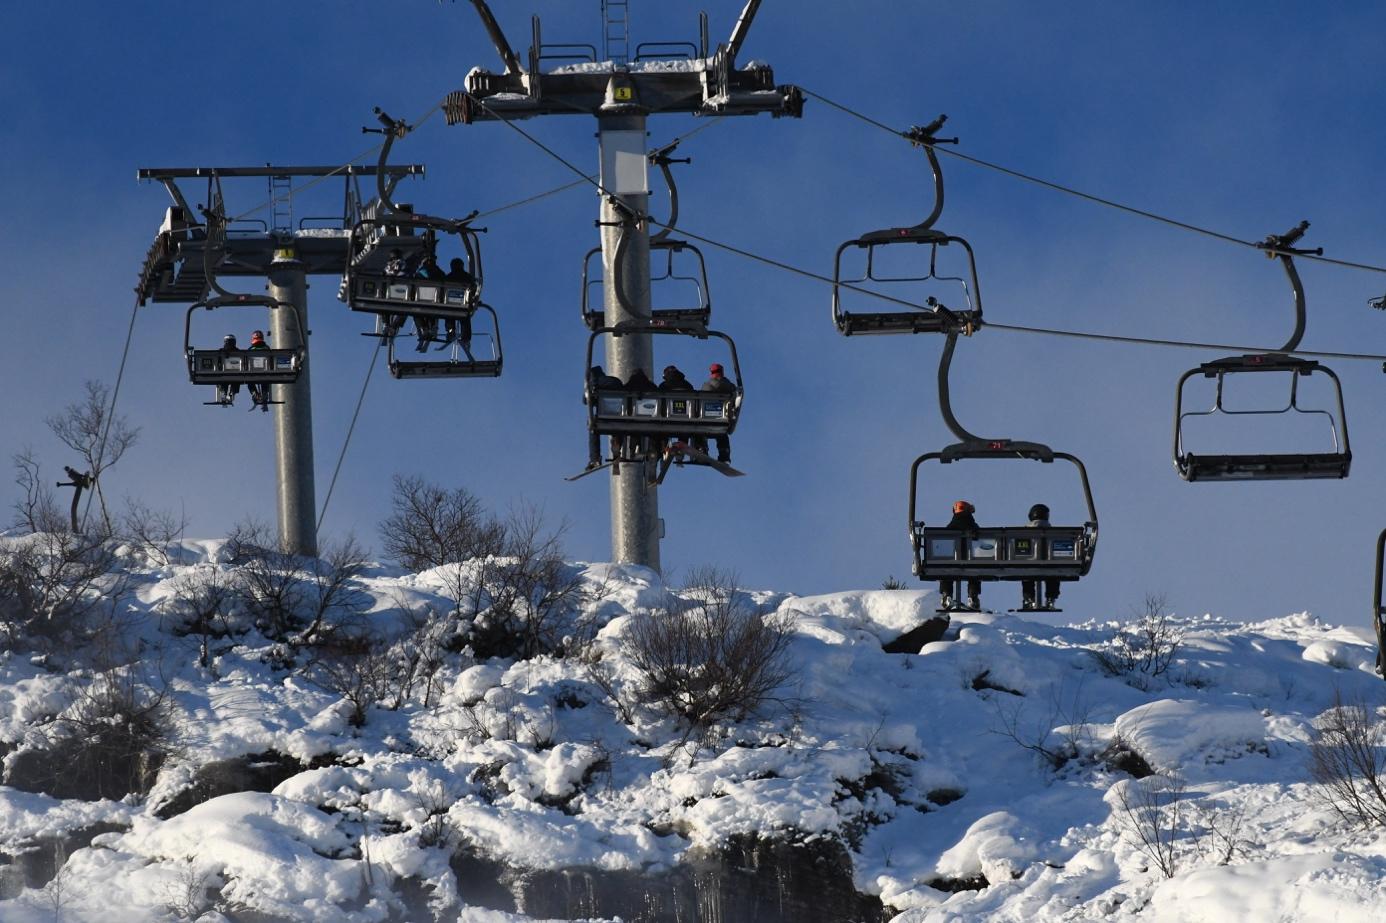 Et bilde som inneholder snø, himmel, utendørs, transport  Automatisk generert beskrivelse